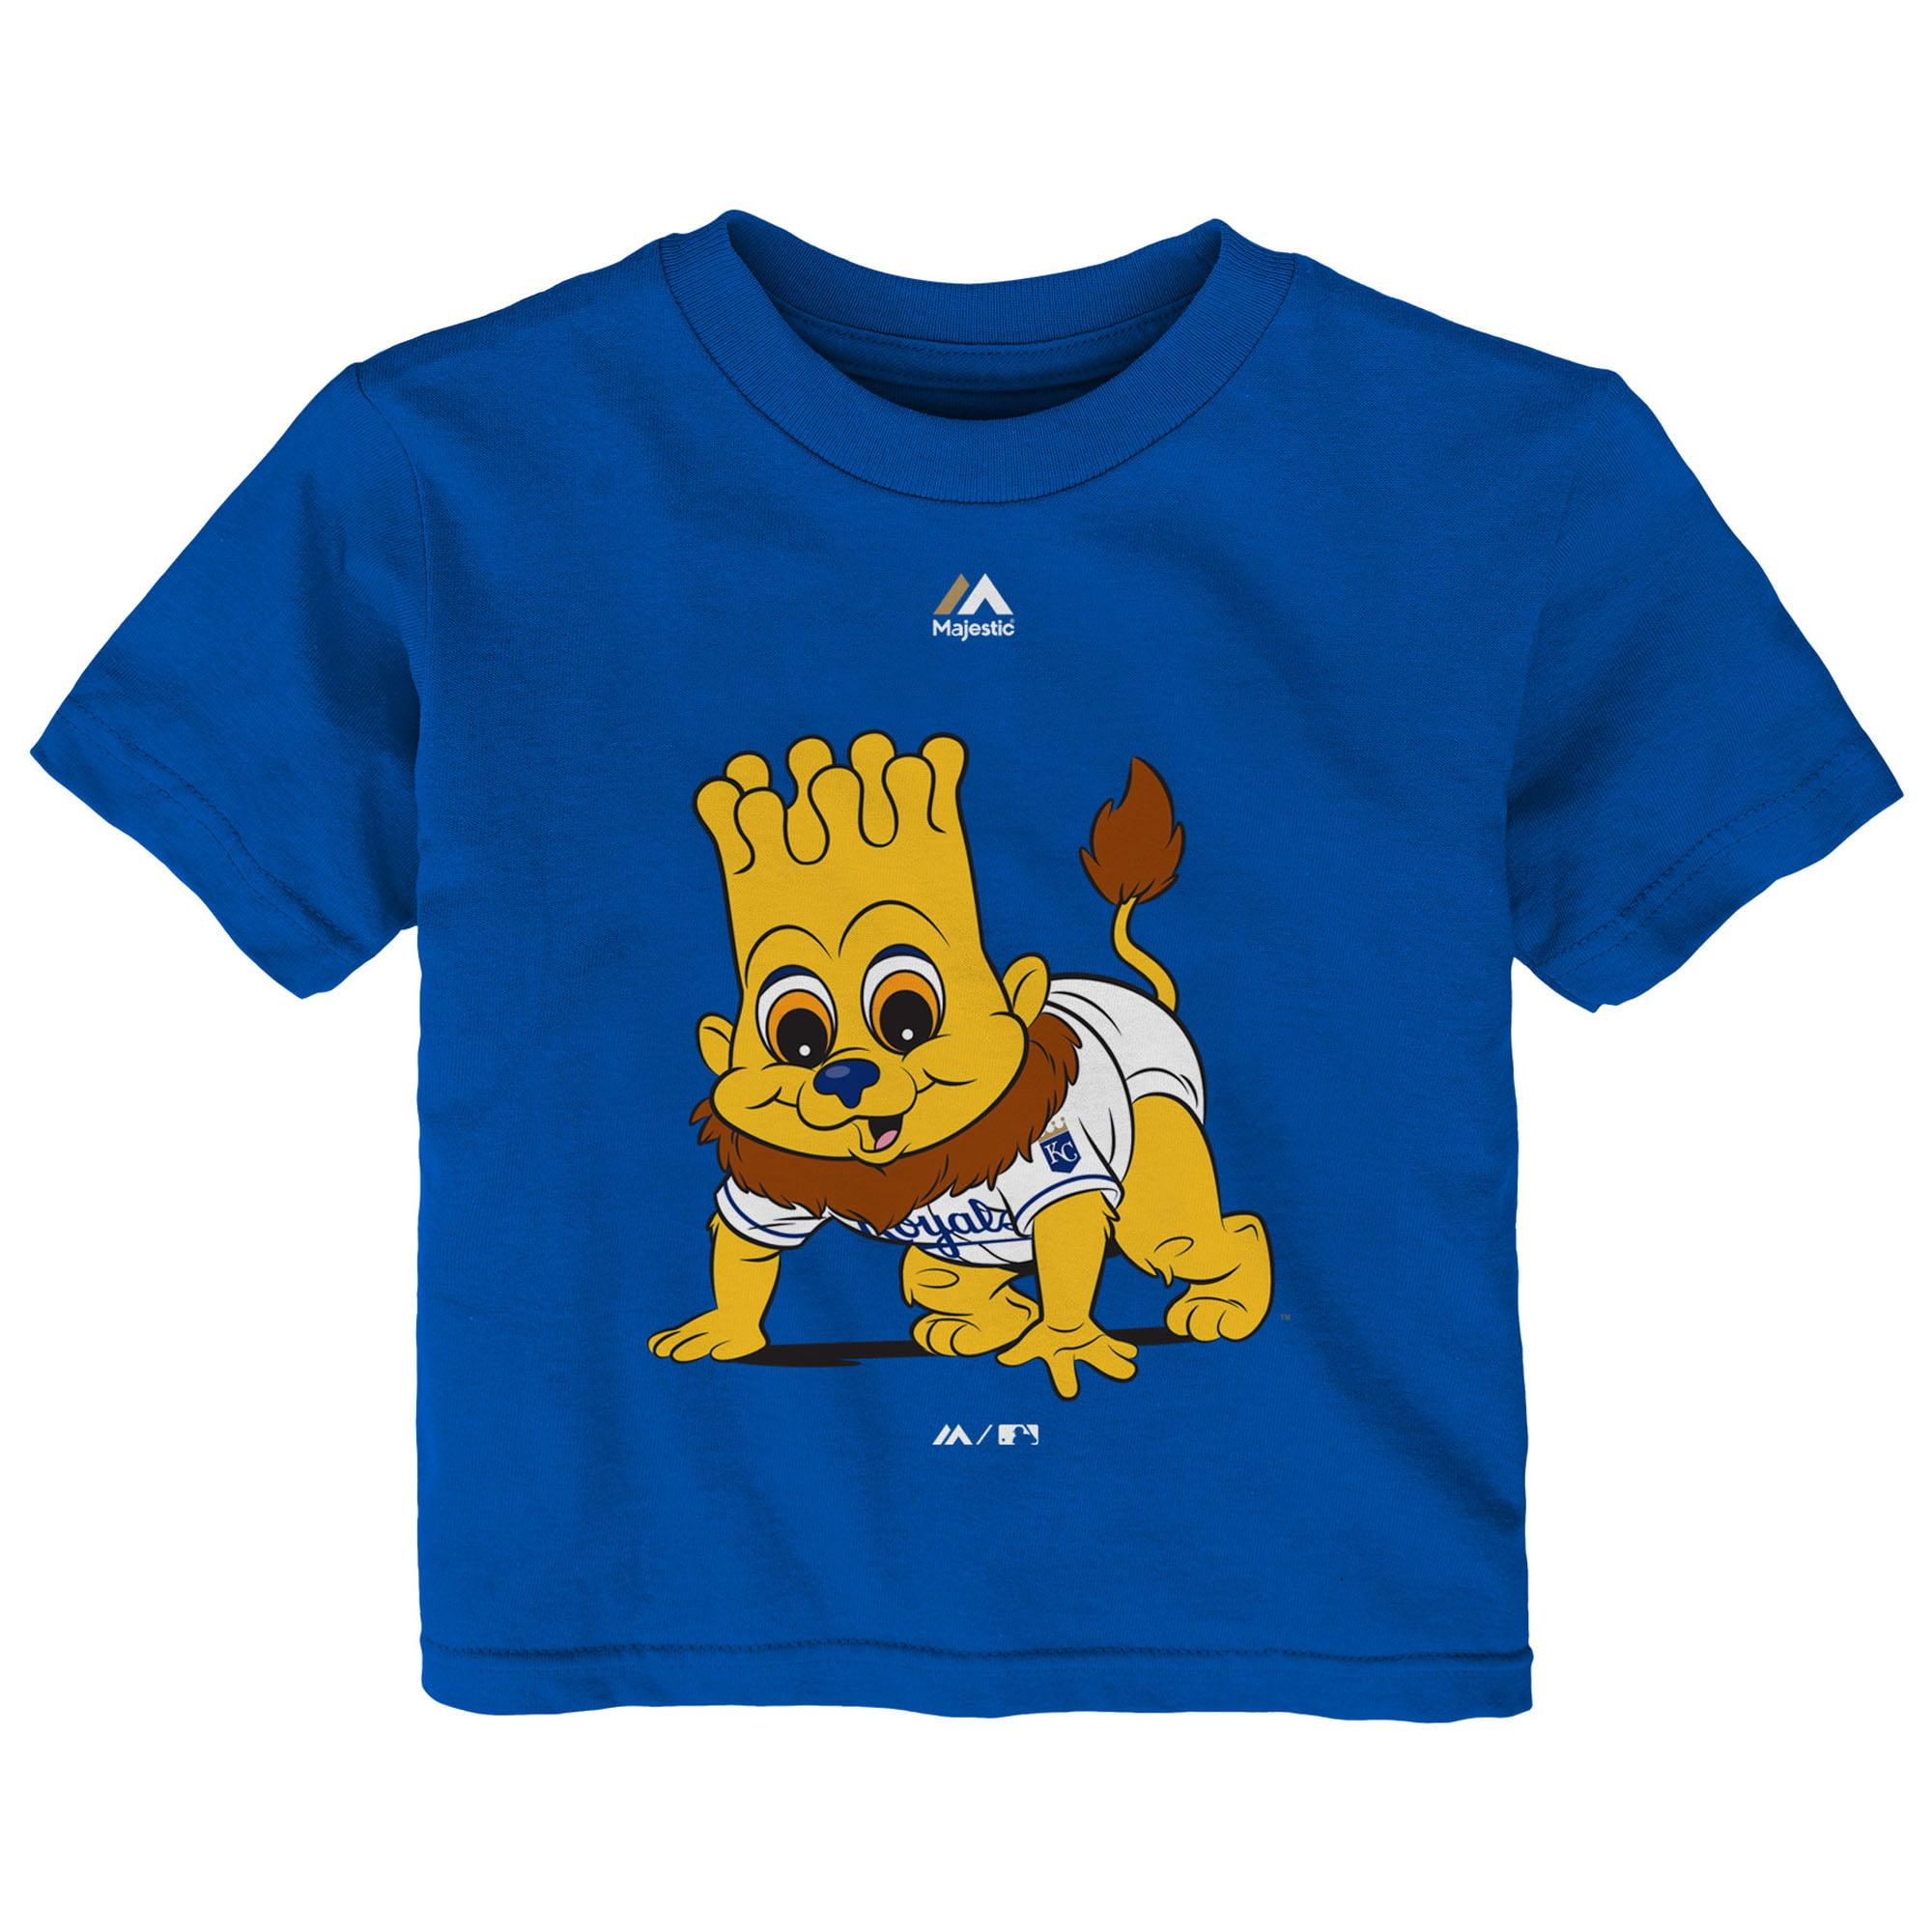 Kansas City Royals Majestic Infant Baby Mascot T-Shirt - Royal